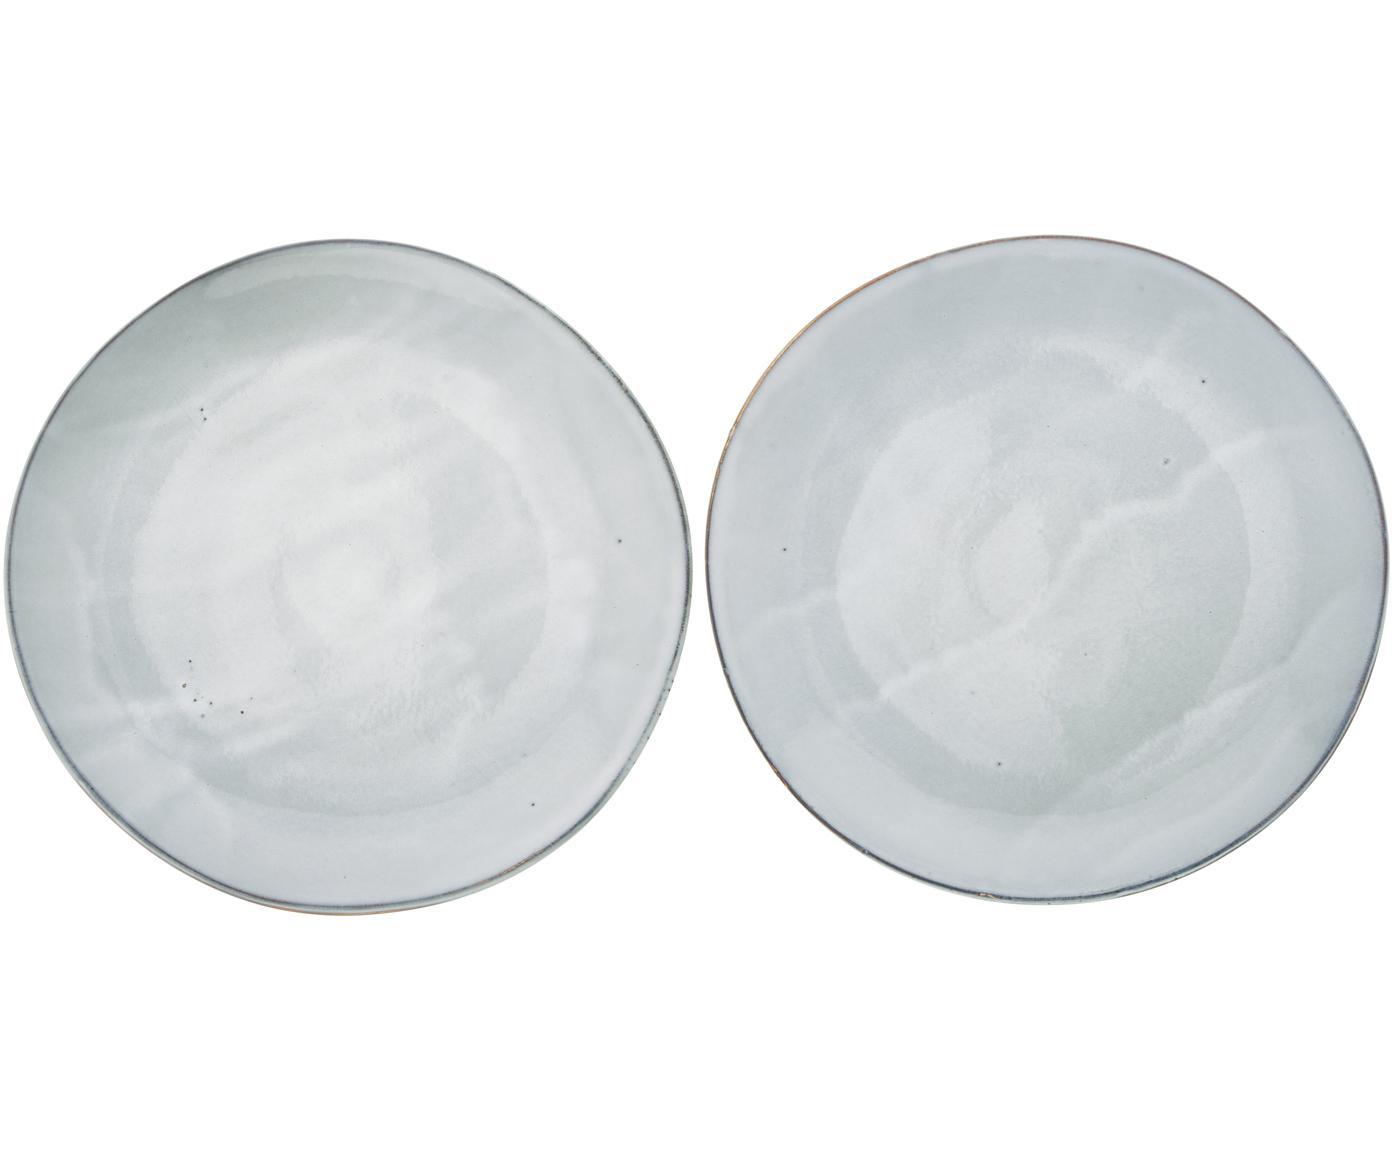 Handgemachte Speiseteller Thalia in Blaugrau, 2 Stück, Steinzeug, Blaugrau, Ø 27 cm